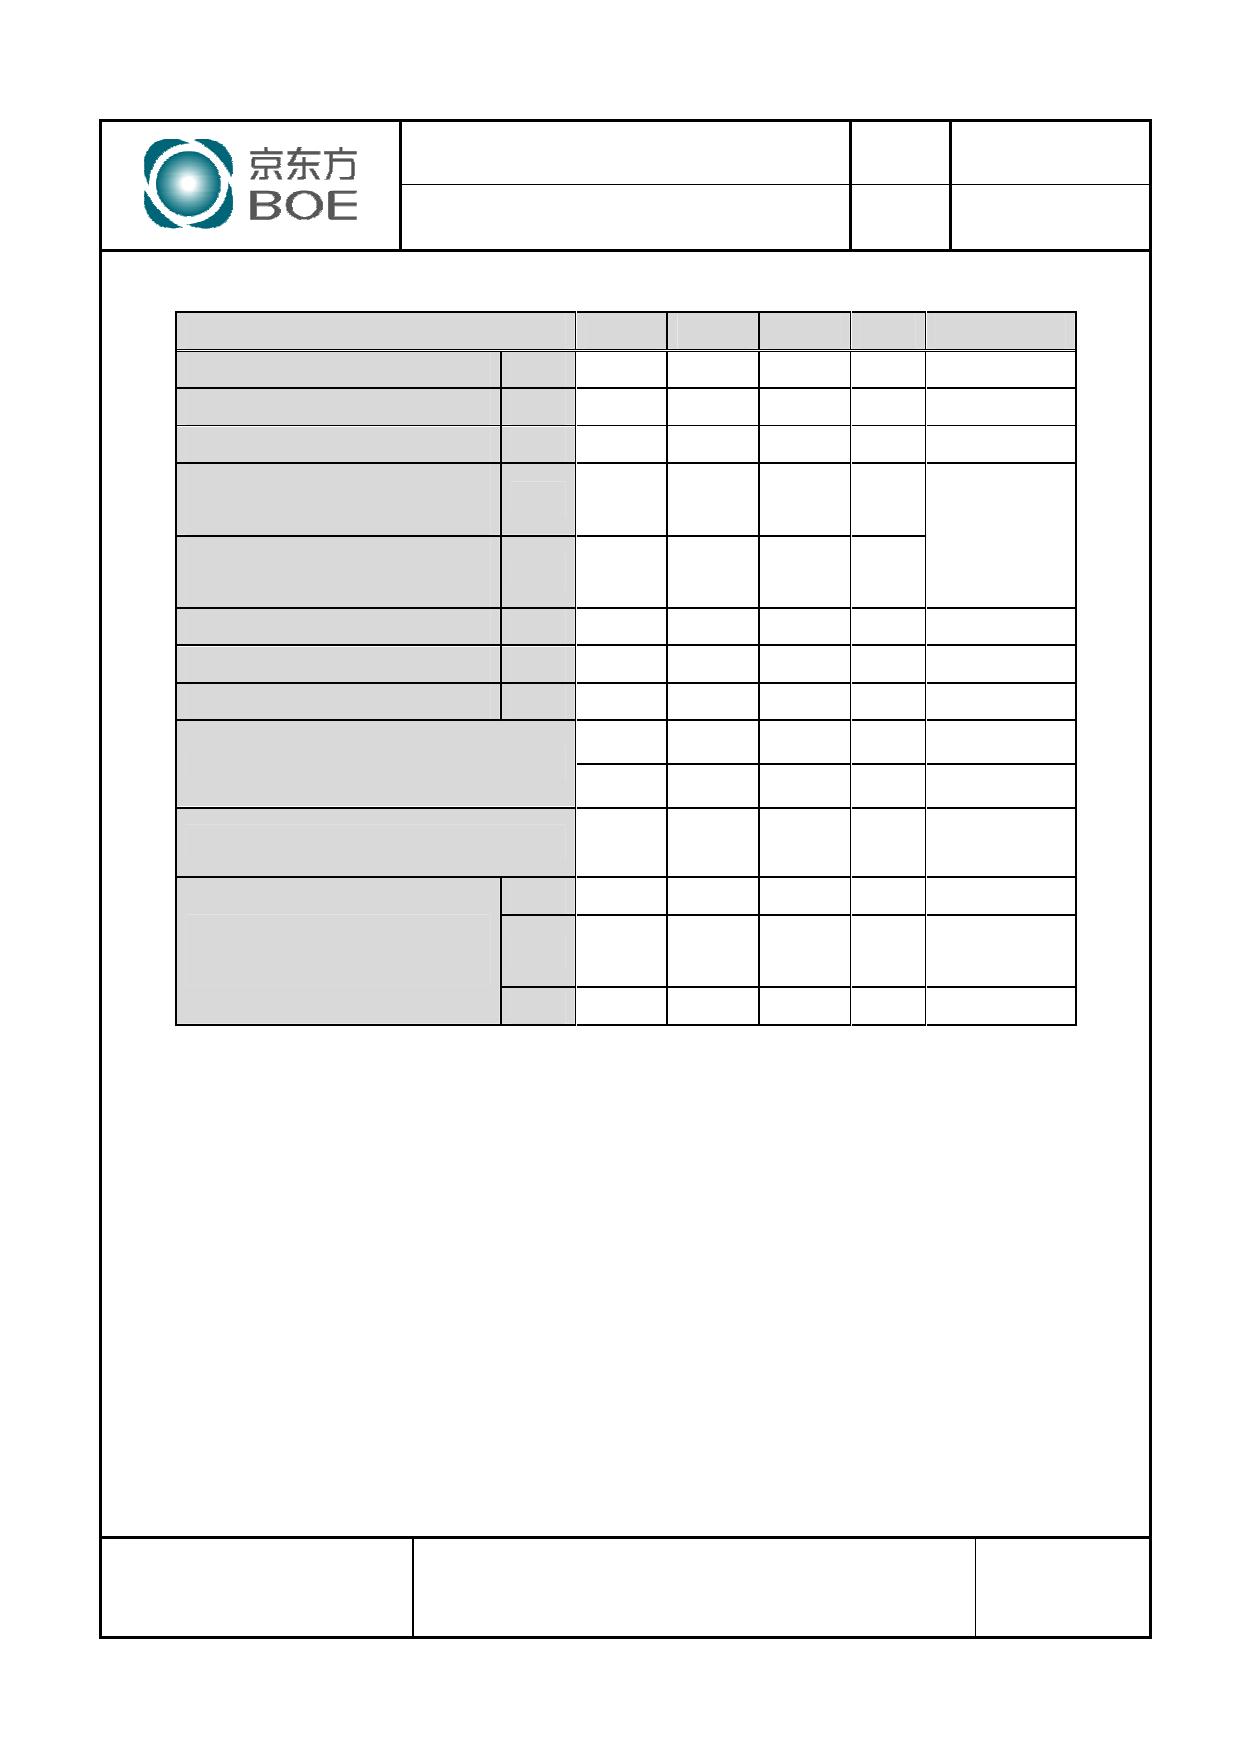 HV104X01-100 電子部品, 半導体